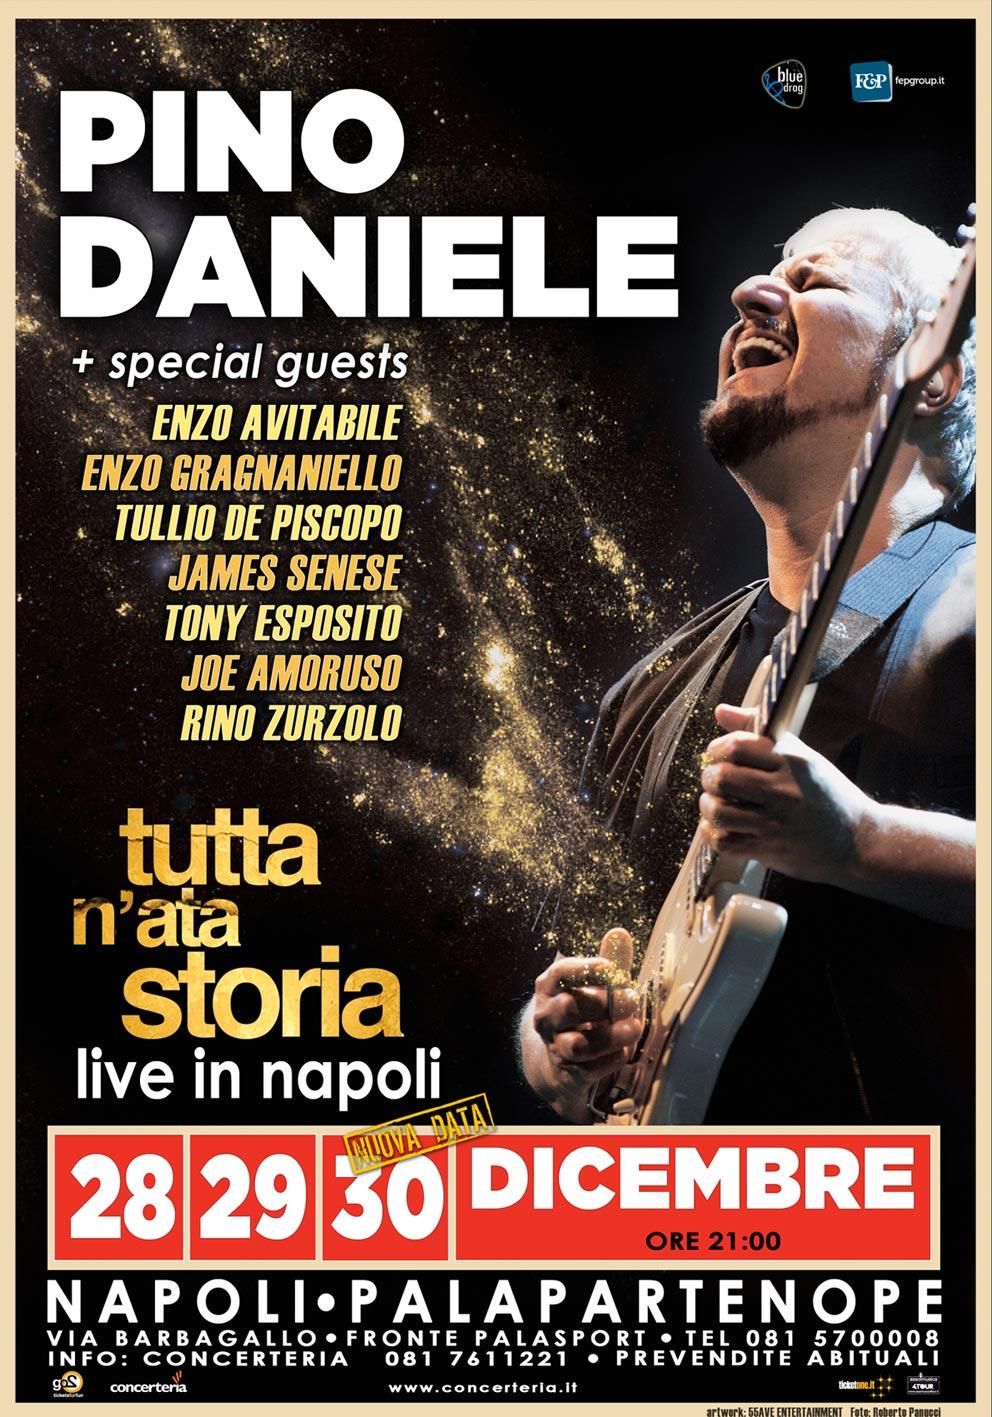 Manifesto_TUTTA N'ATA STORIA_Pino Daniele